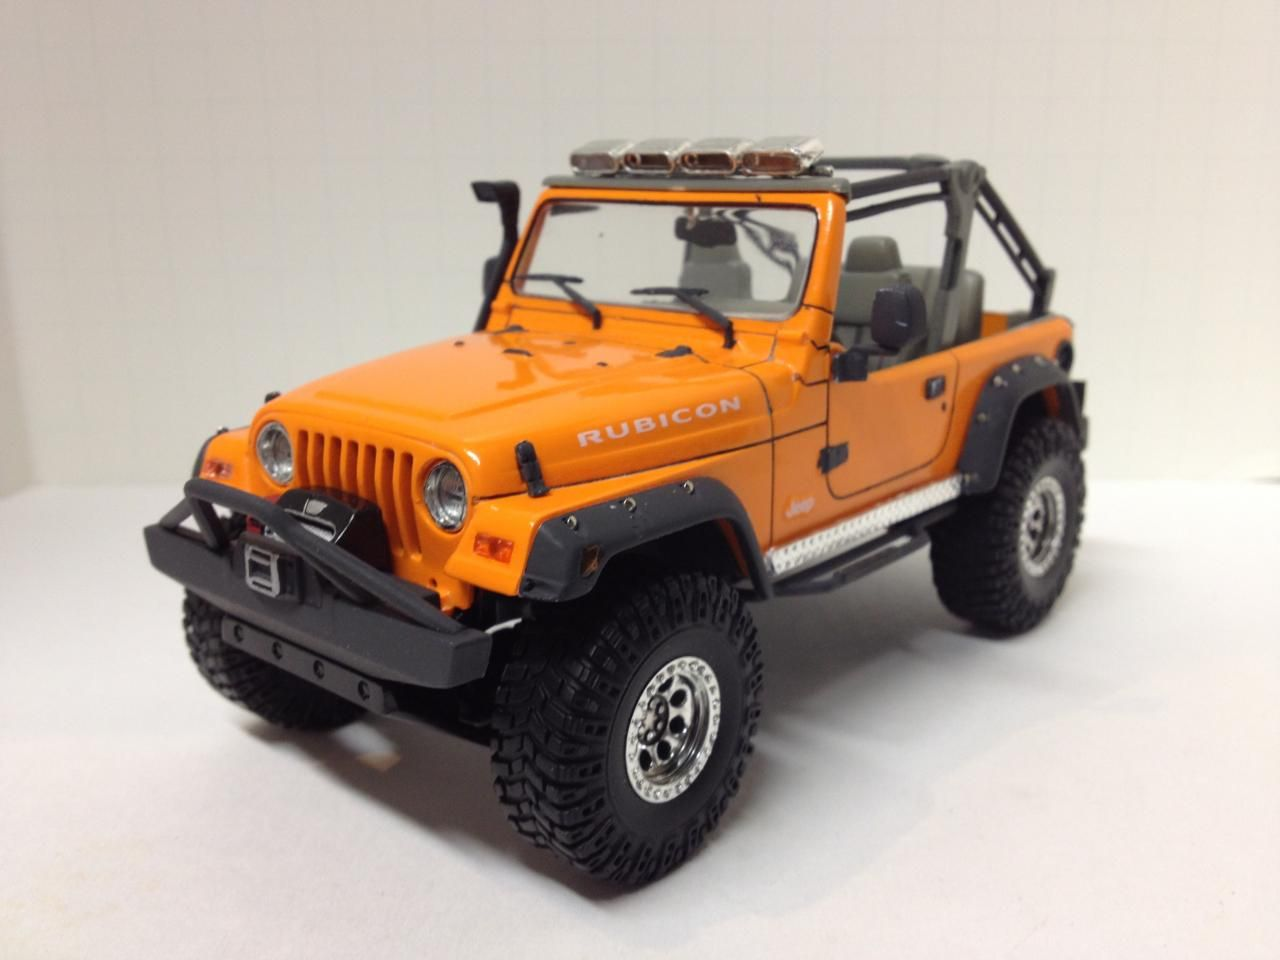 Jeep Rubicon Plastic Model Cars Car Model Jeep Rubicon